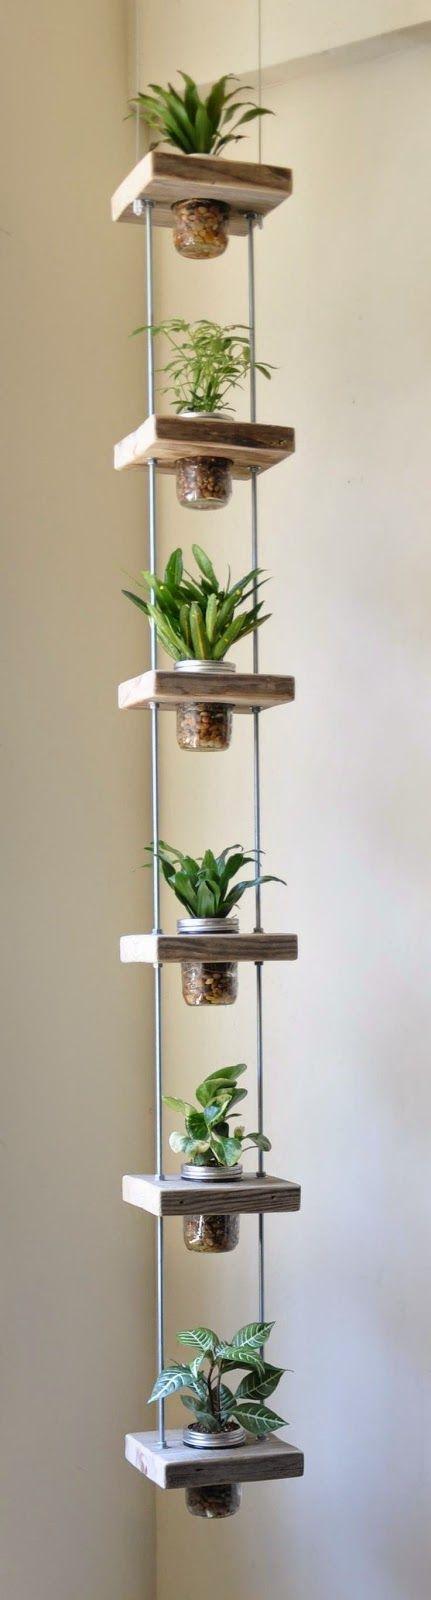 diy inspiration vertical garden perfect for small balconies *barra roscada enegrecida